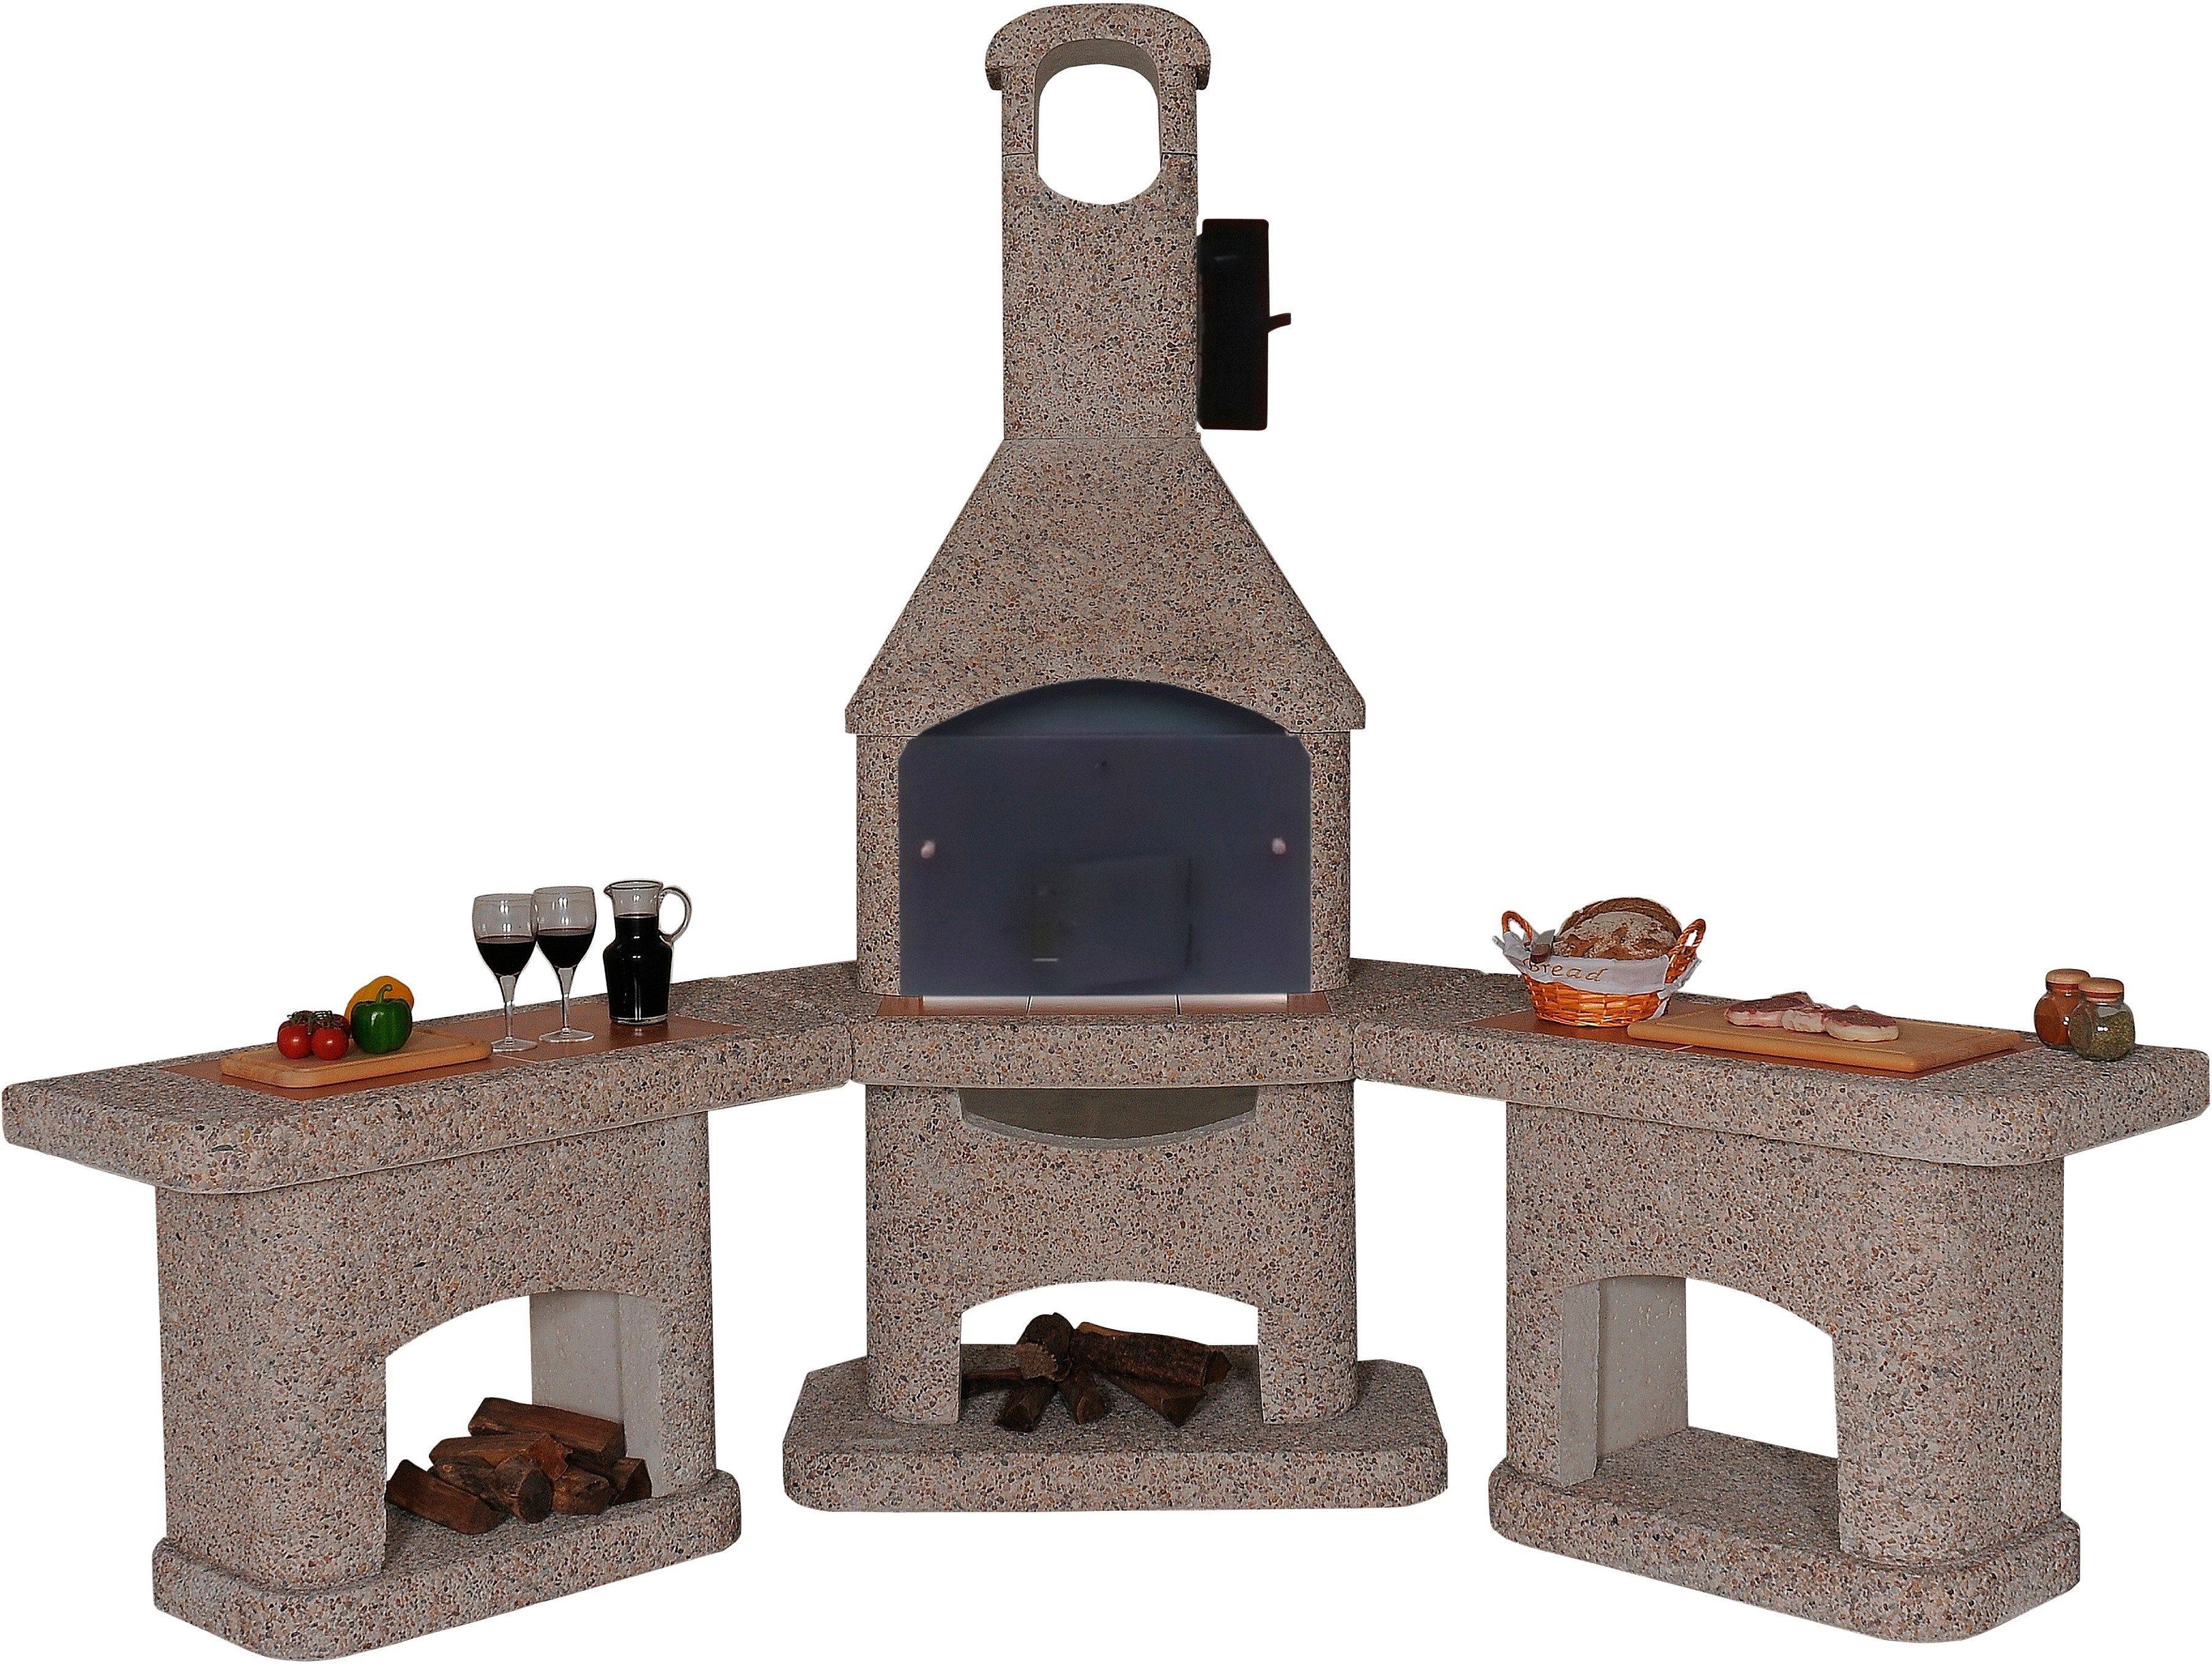 Möbel Für Außenküche : Studio jakarta außenküchen u gartenmöbelrabatt best deal